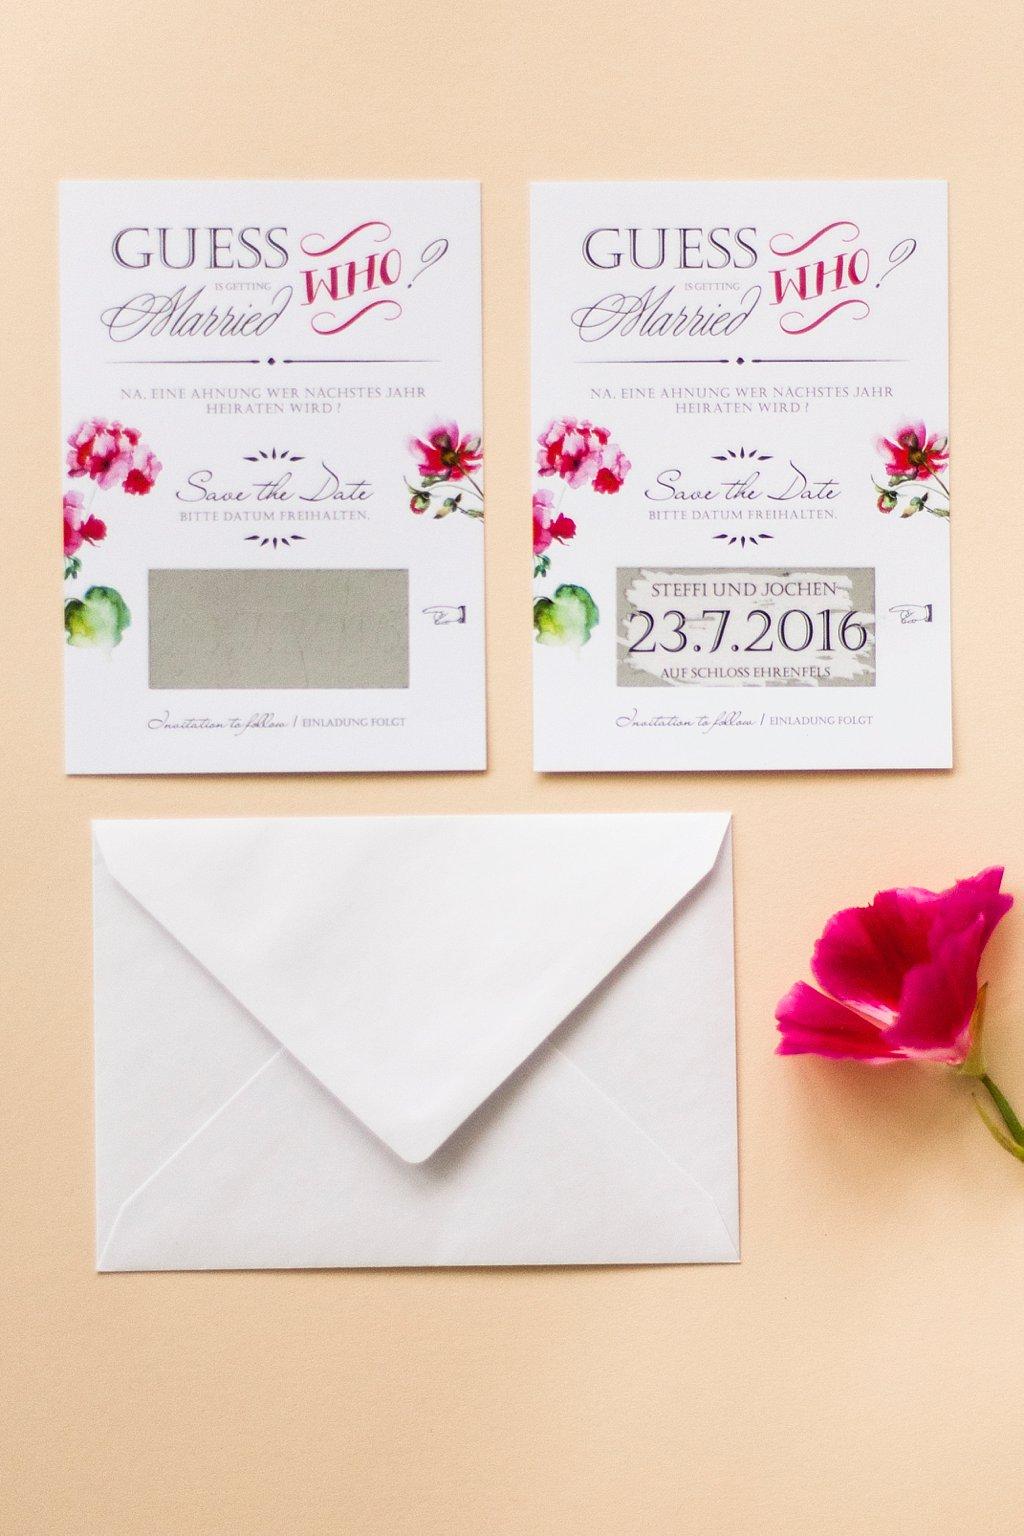 Save the Date Karte mit Rubbelfeld und Briefumschlag